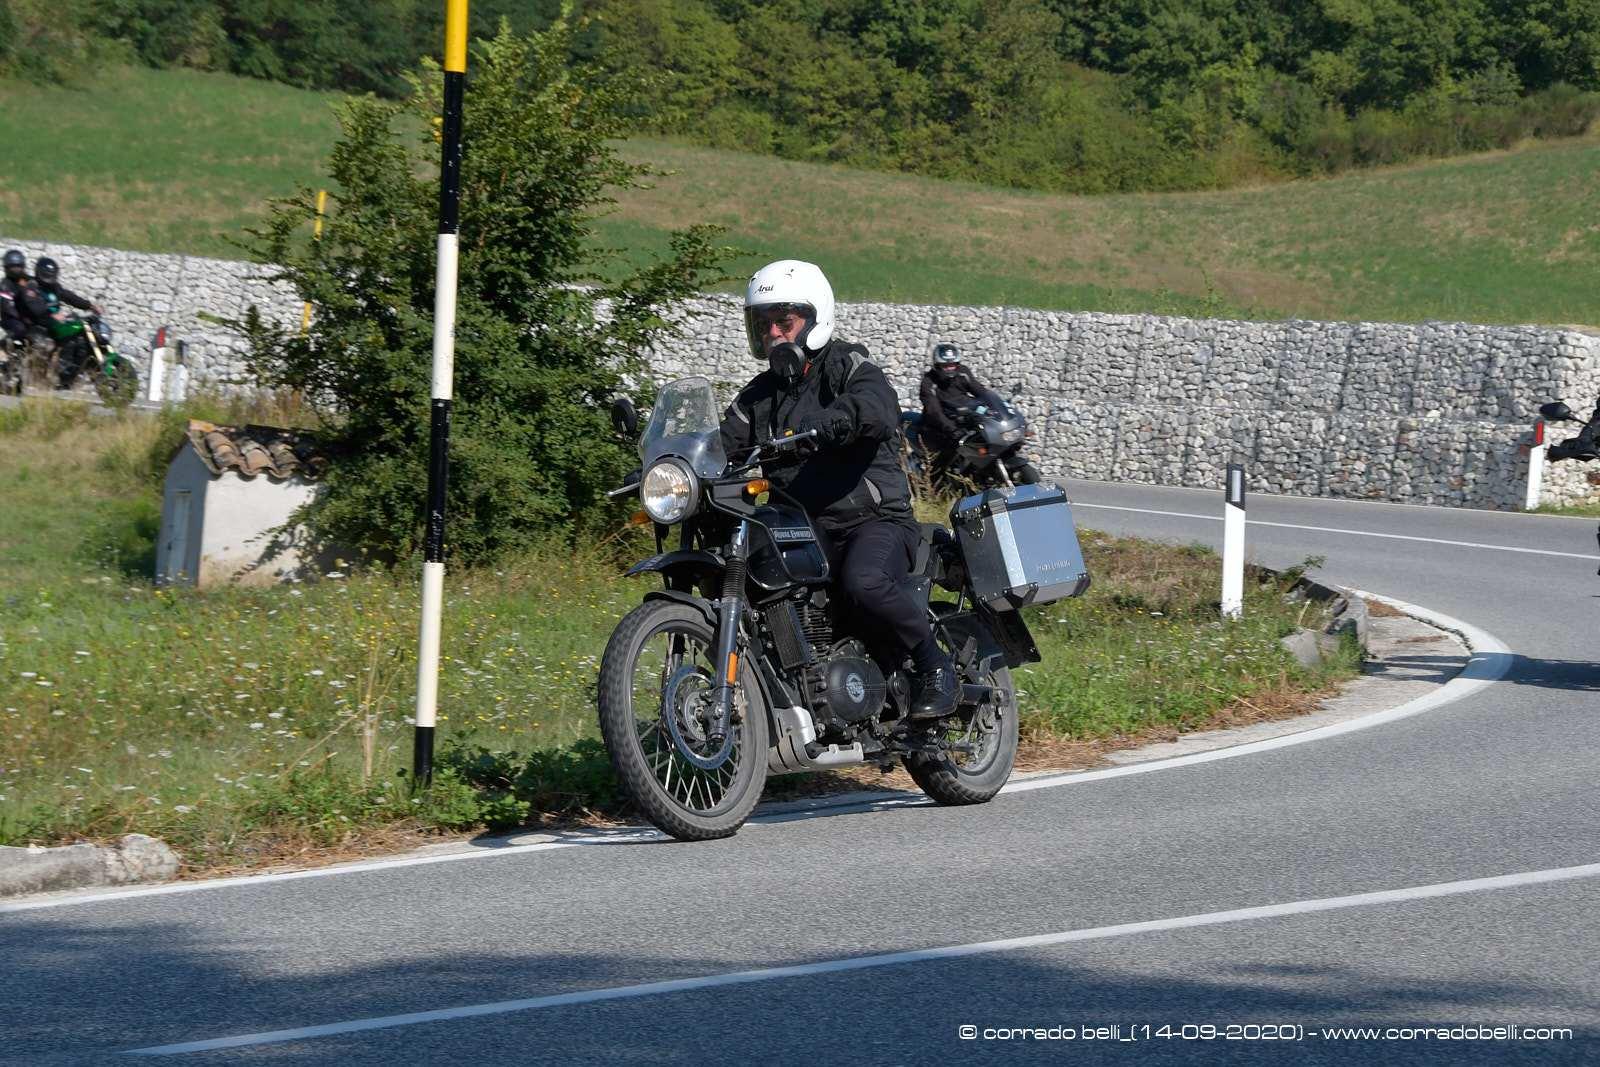 0106_-Benelli-Week-14-09-20